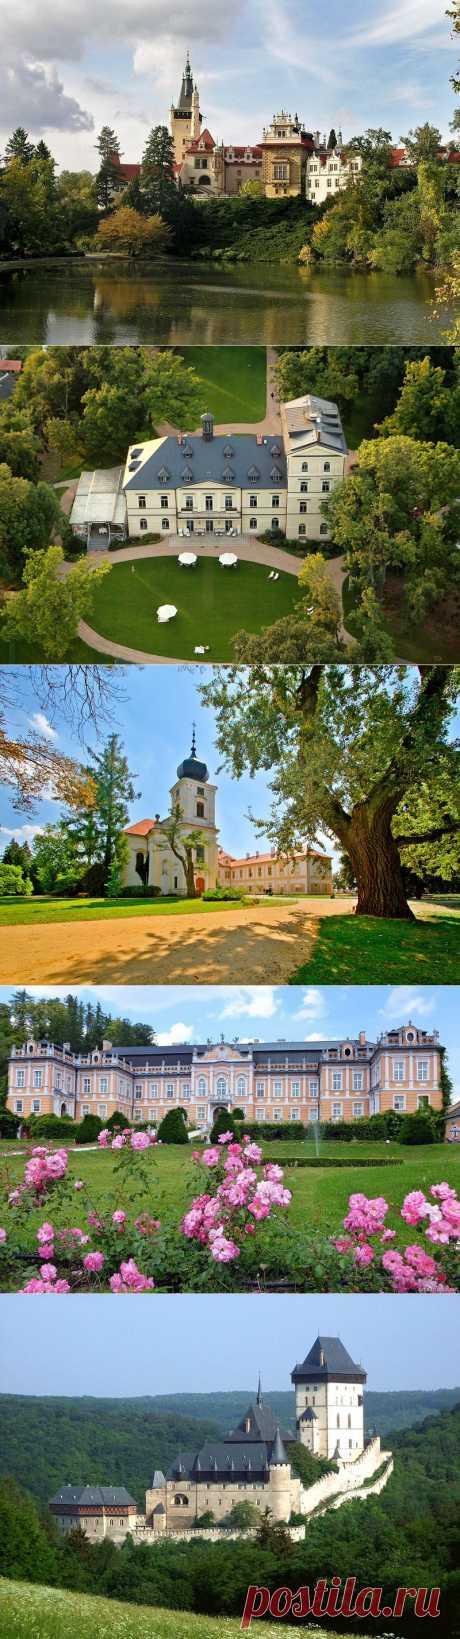 Чехия - страна замков.